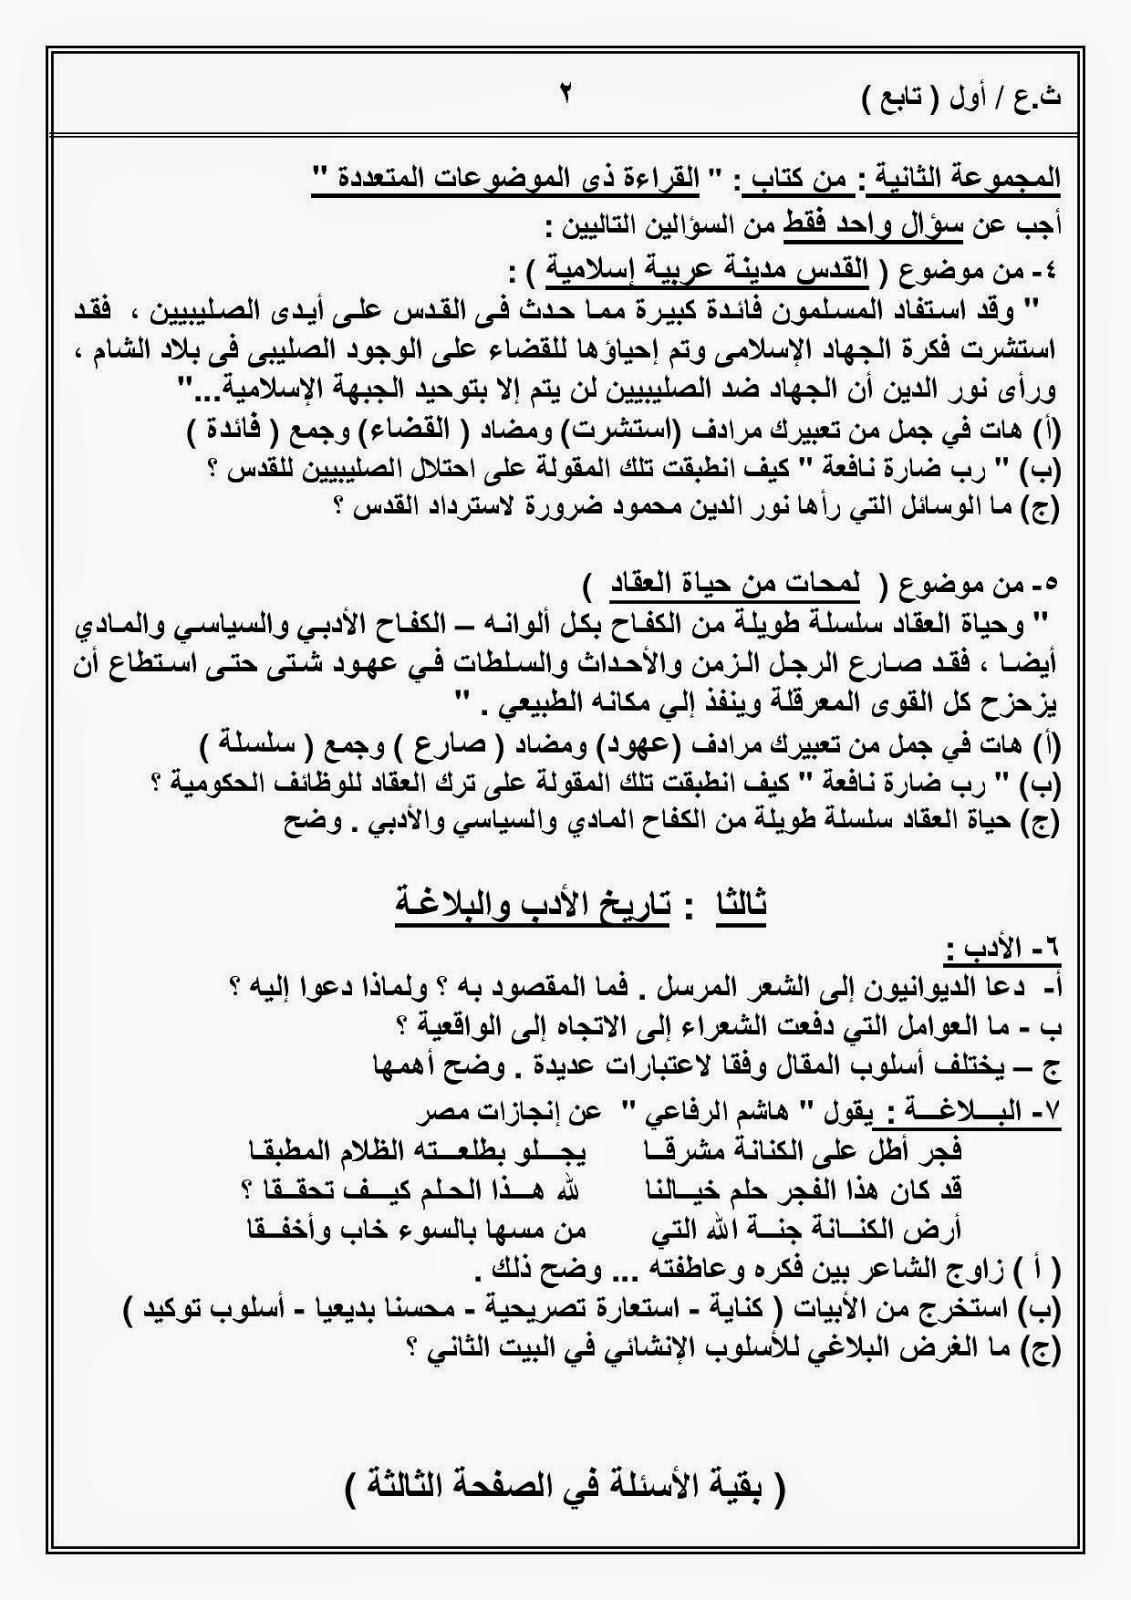 امتحان لغة عربية من مكتب المستشار هام جدا لكل طلبة 3 ثانوي  1-page-002